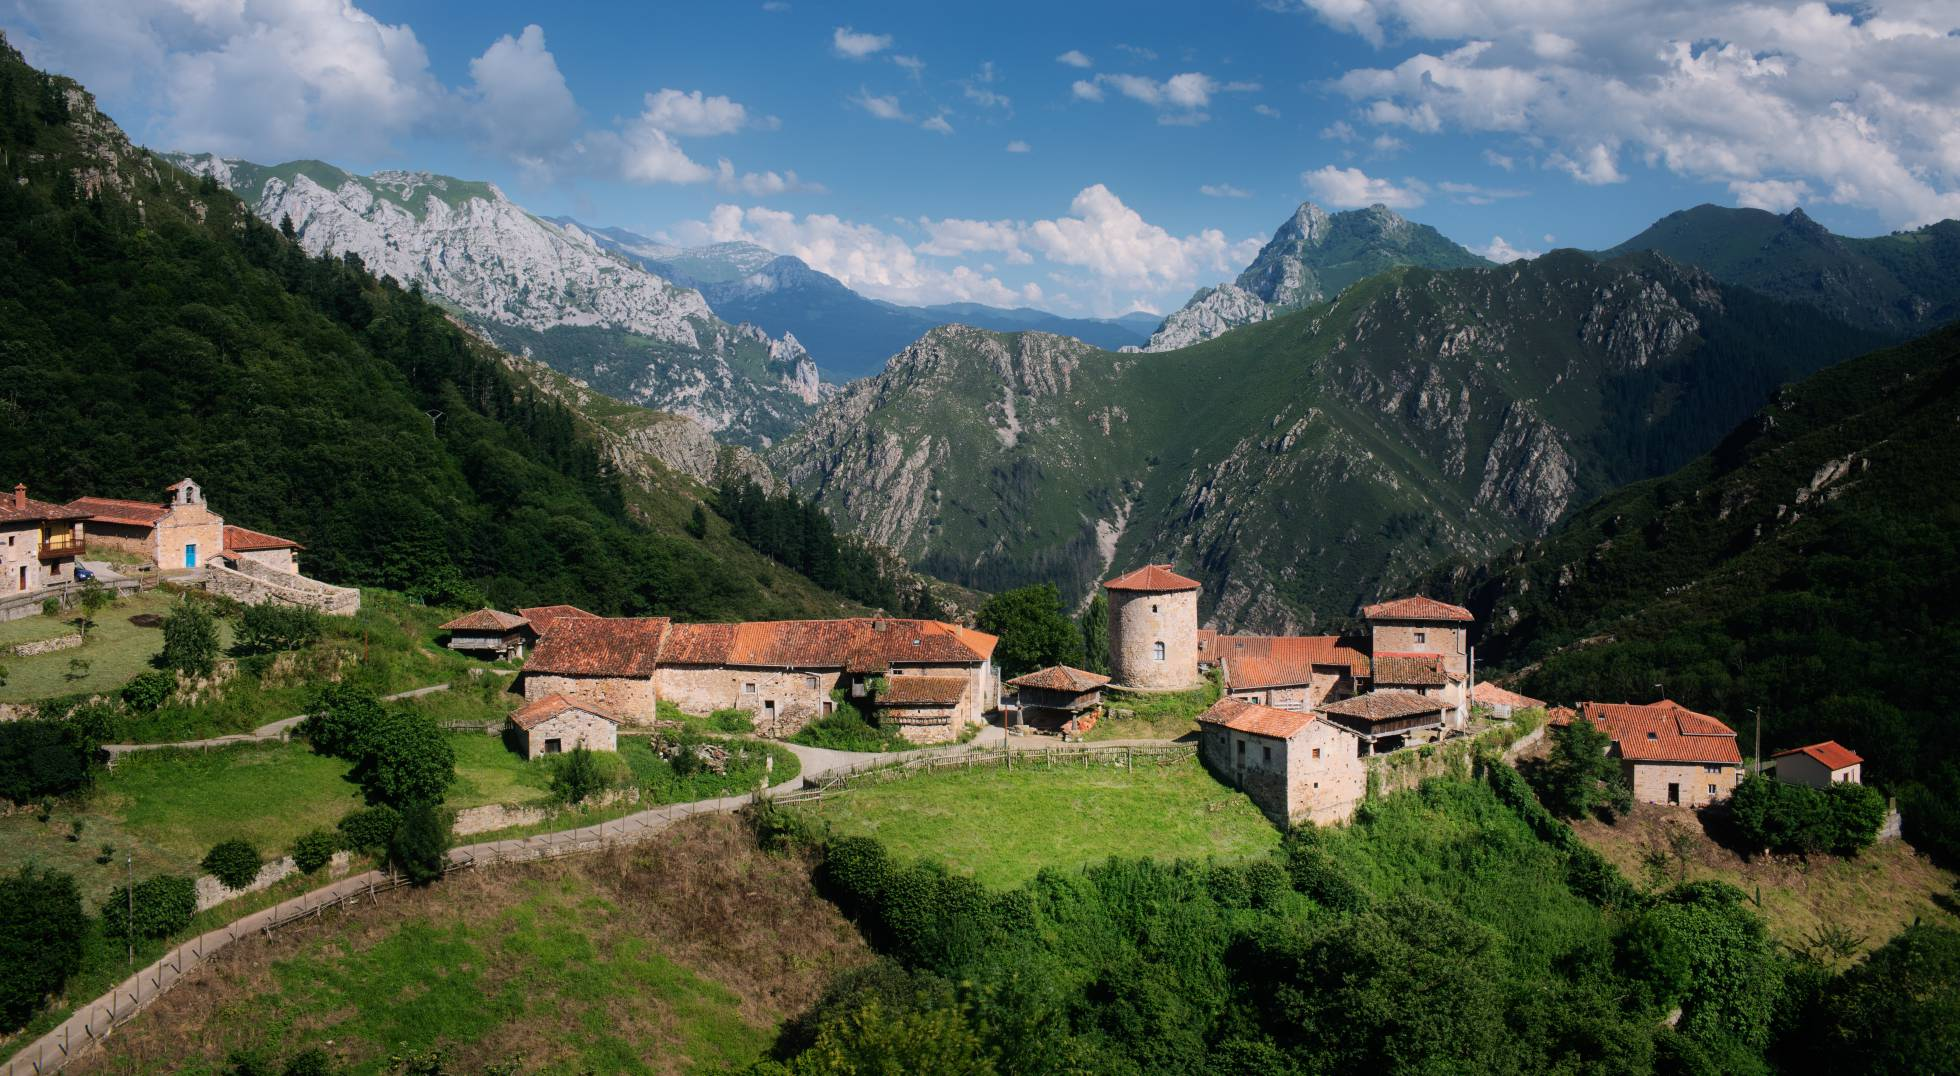 Los 10 pueblos más bonitos de Asturias, según los lectores de EL PAÍS